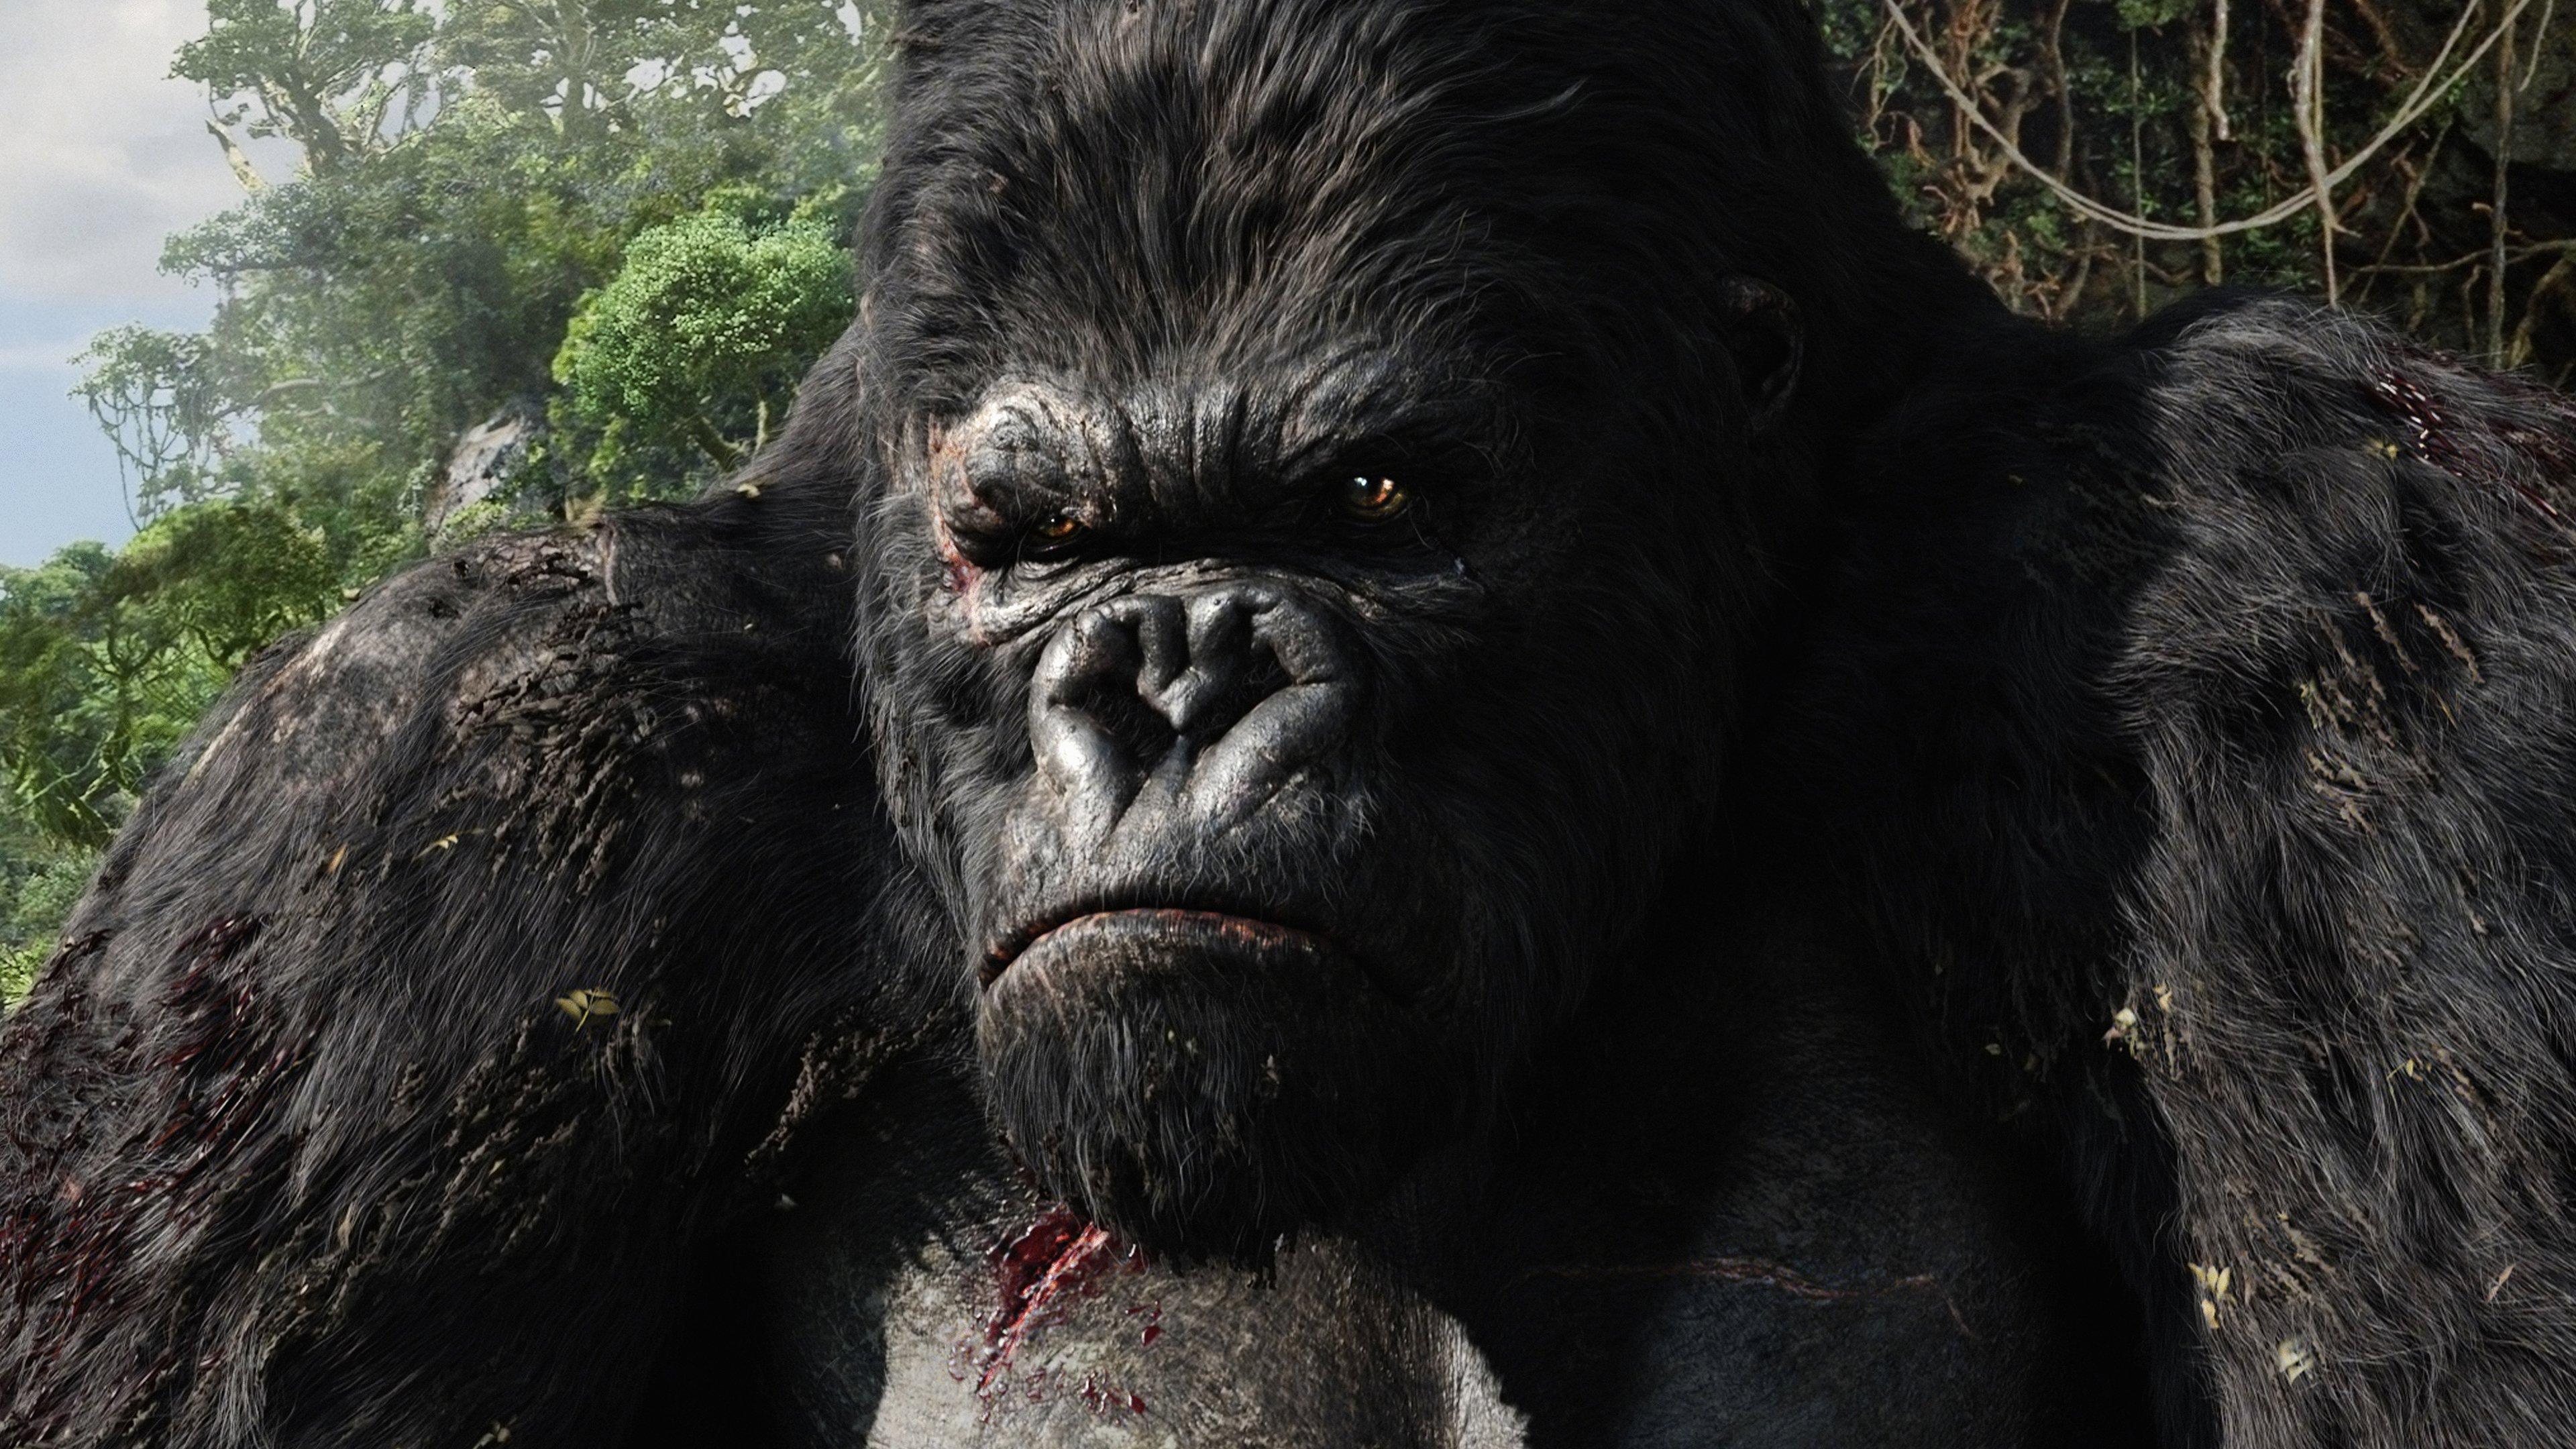 King Kong Serkis